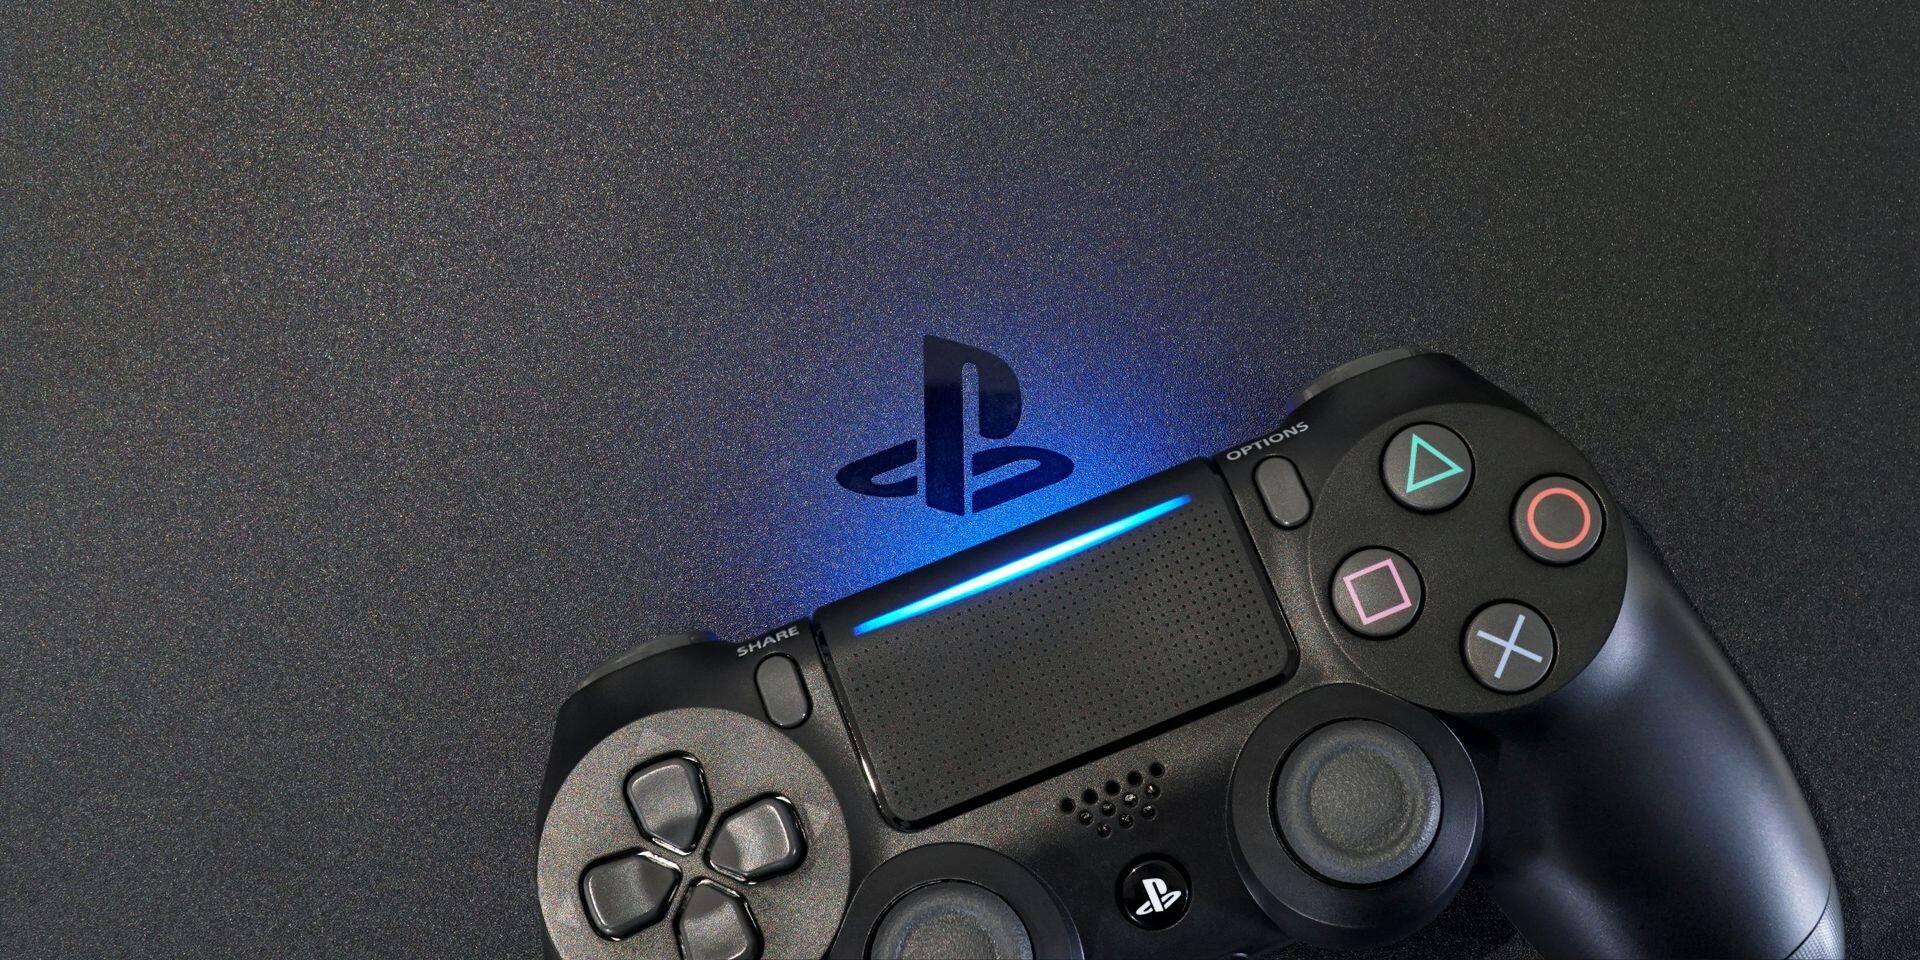 La division jeux, autour de la console PlayStation, joue un rôle important à cet égard, en particulier le PlayStation Network.